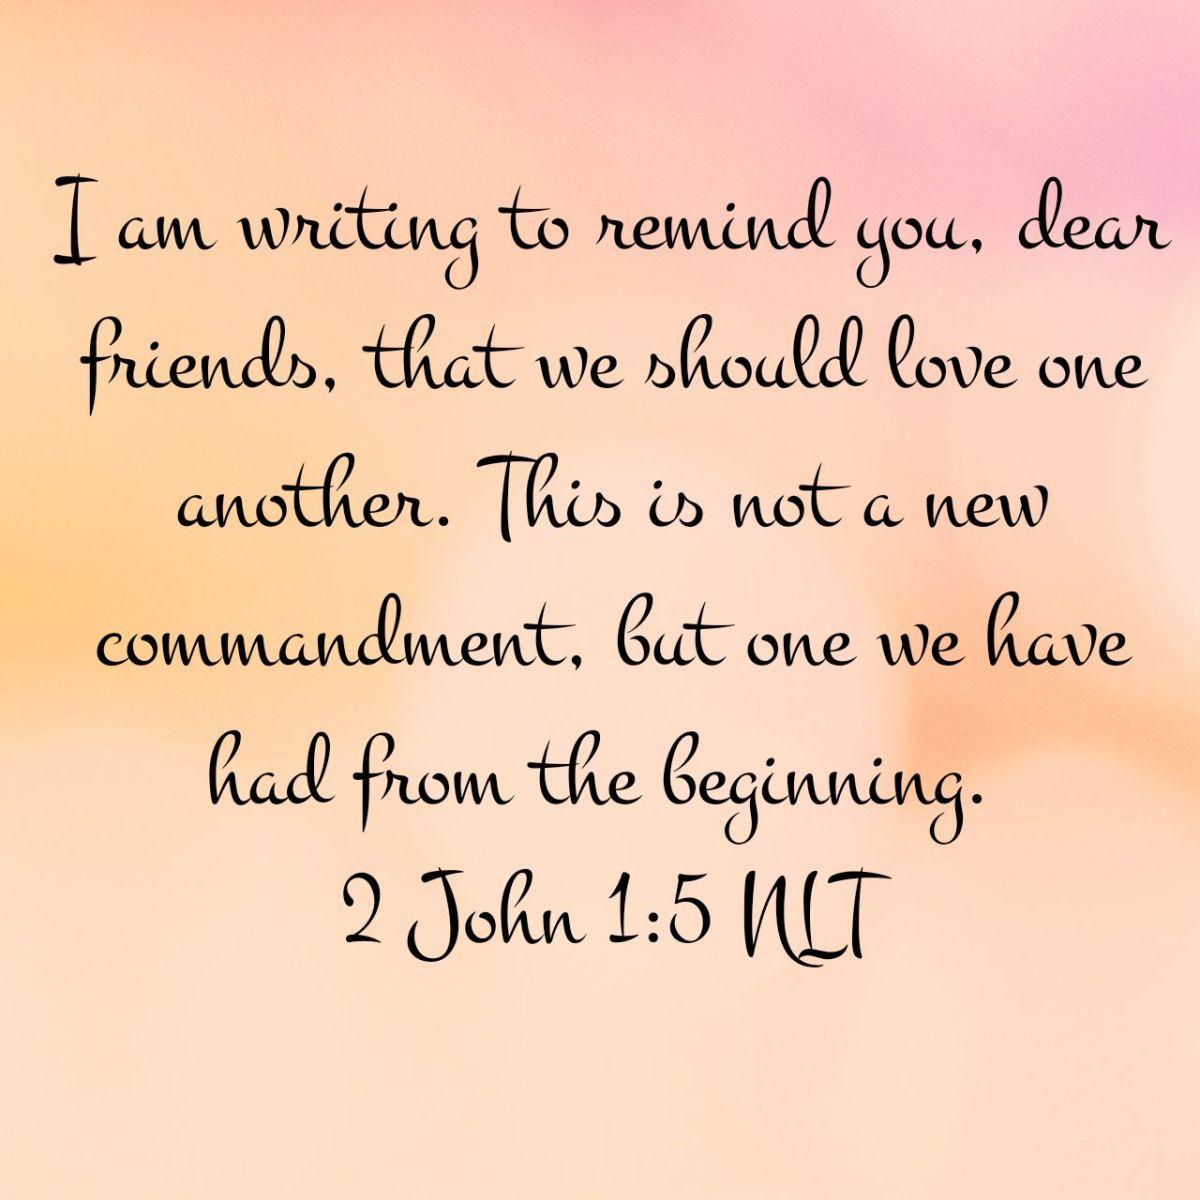 2 John 1:5